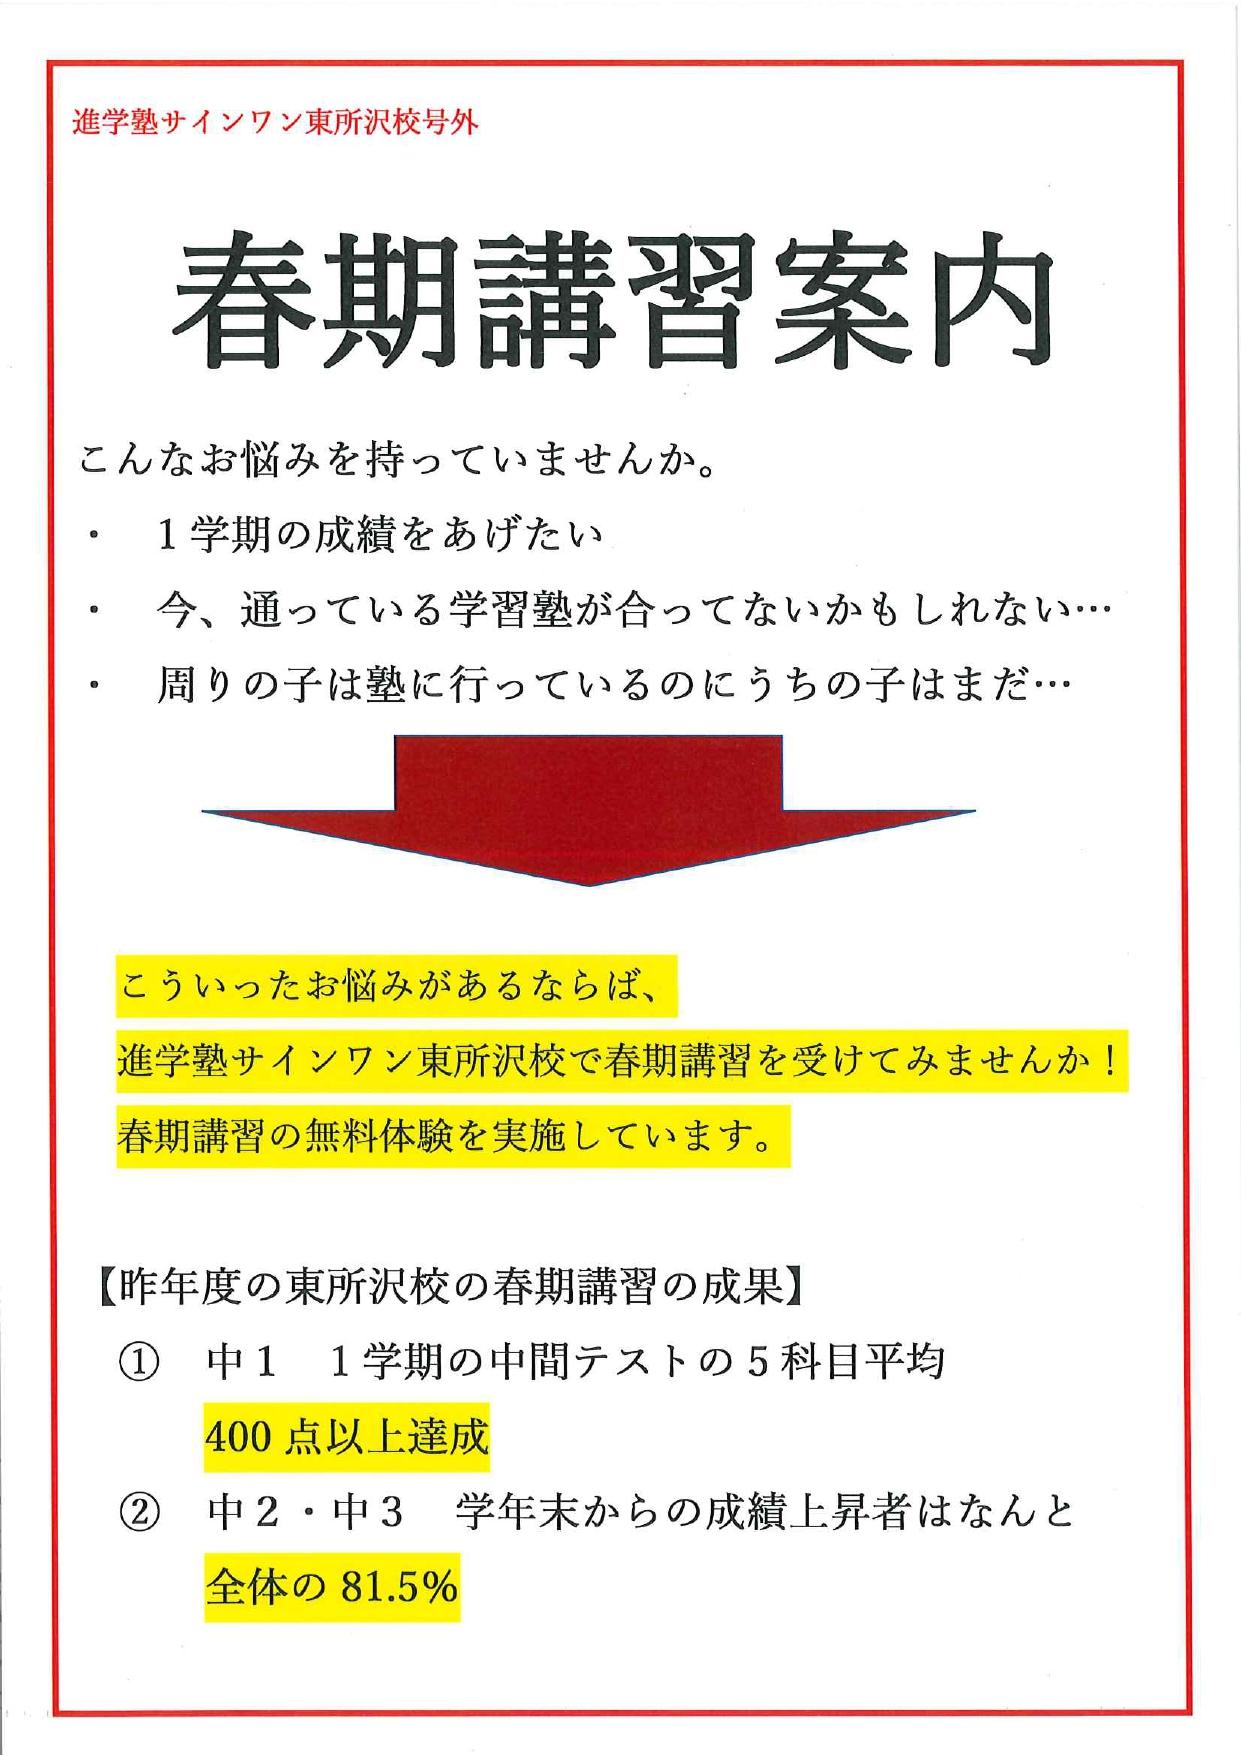 号外 春期講習案内_page-0001